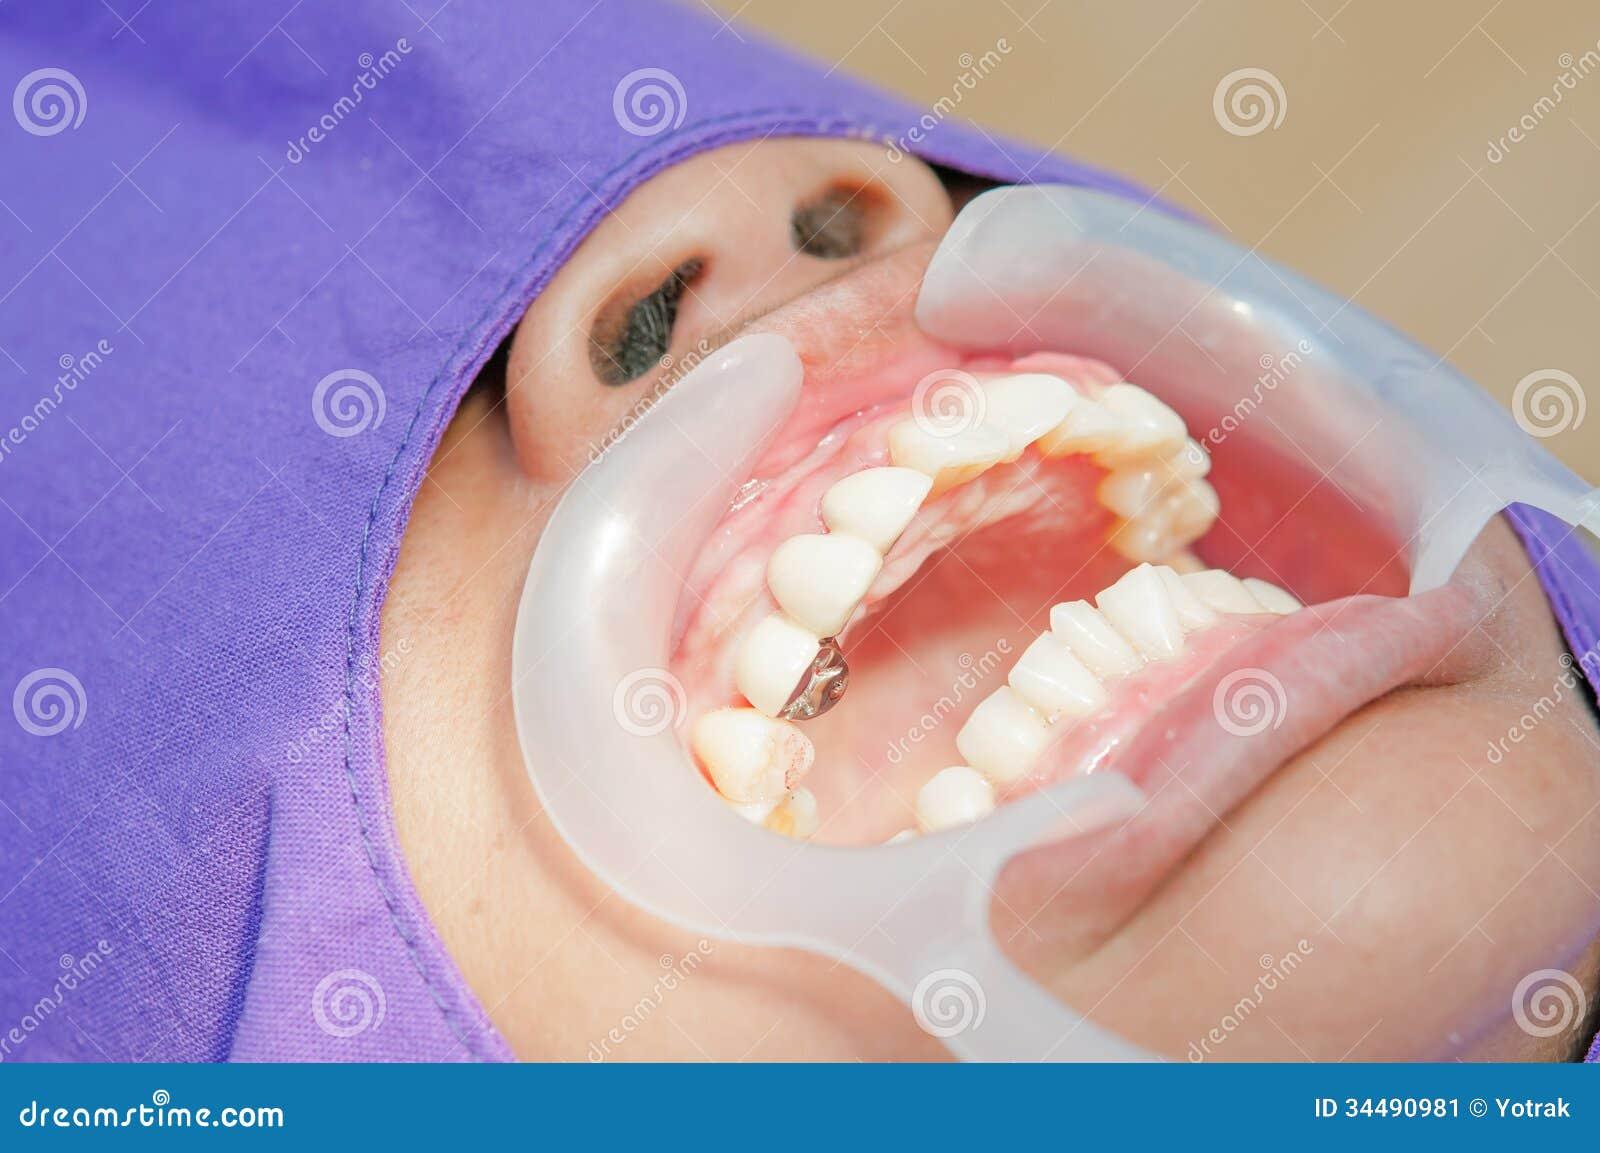 Technicien dentaire plaçant le dentier partiel fixe (le pont dentaire